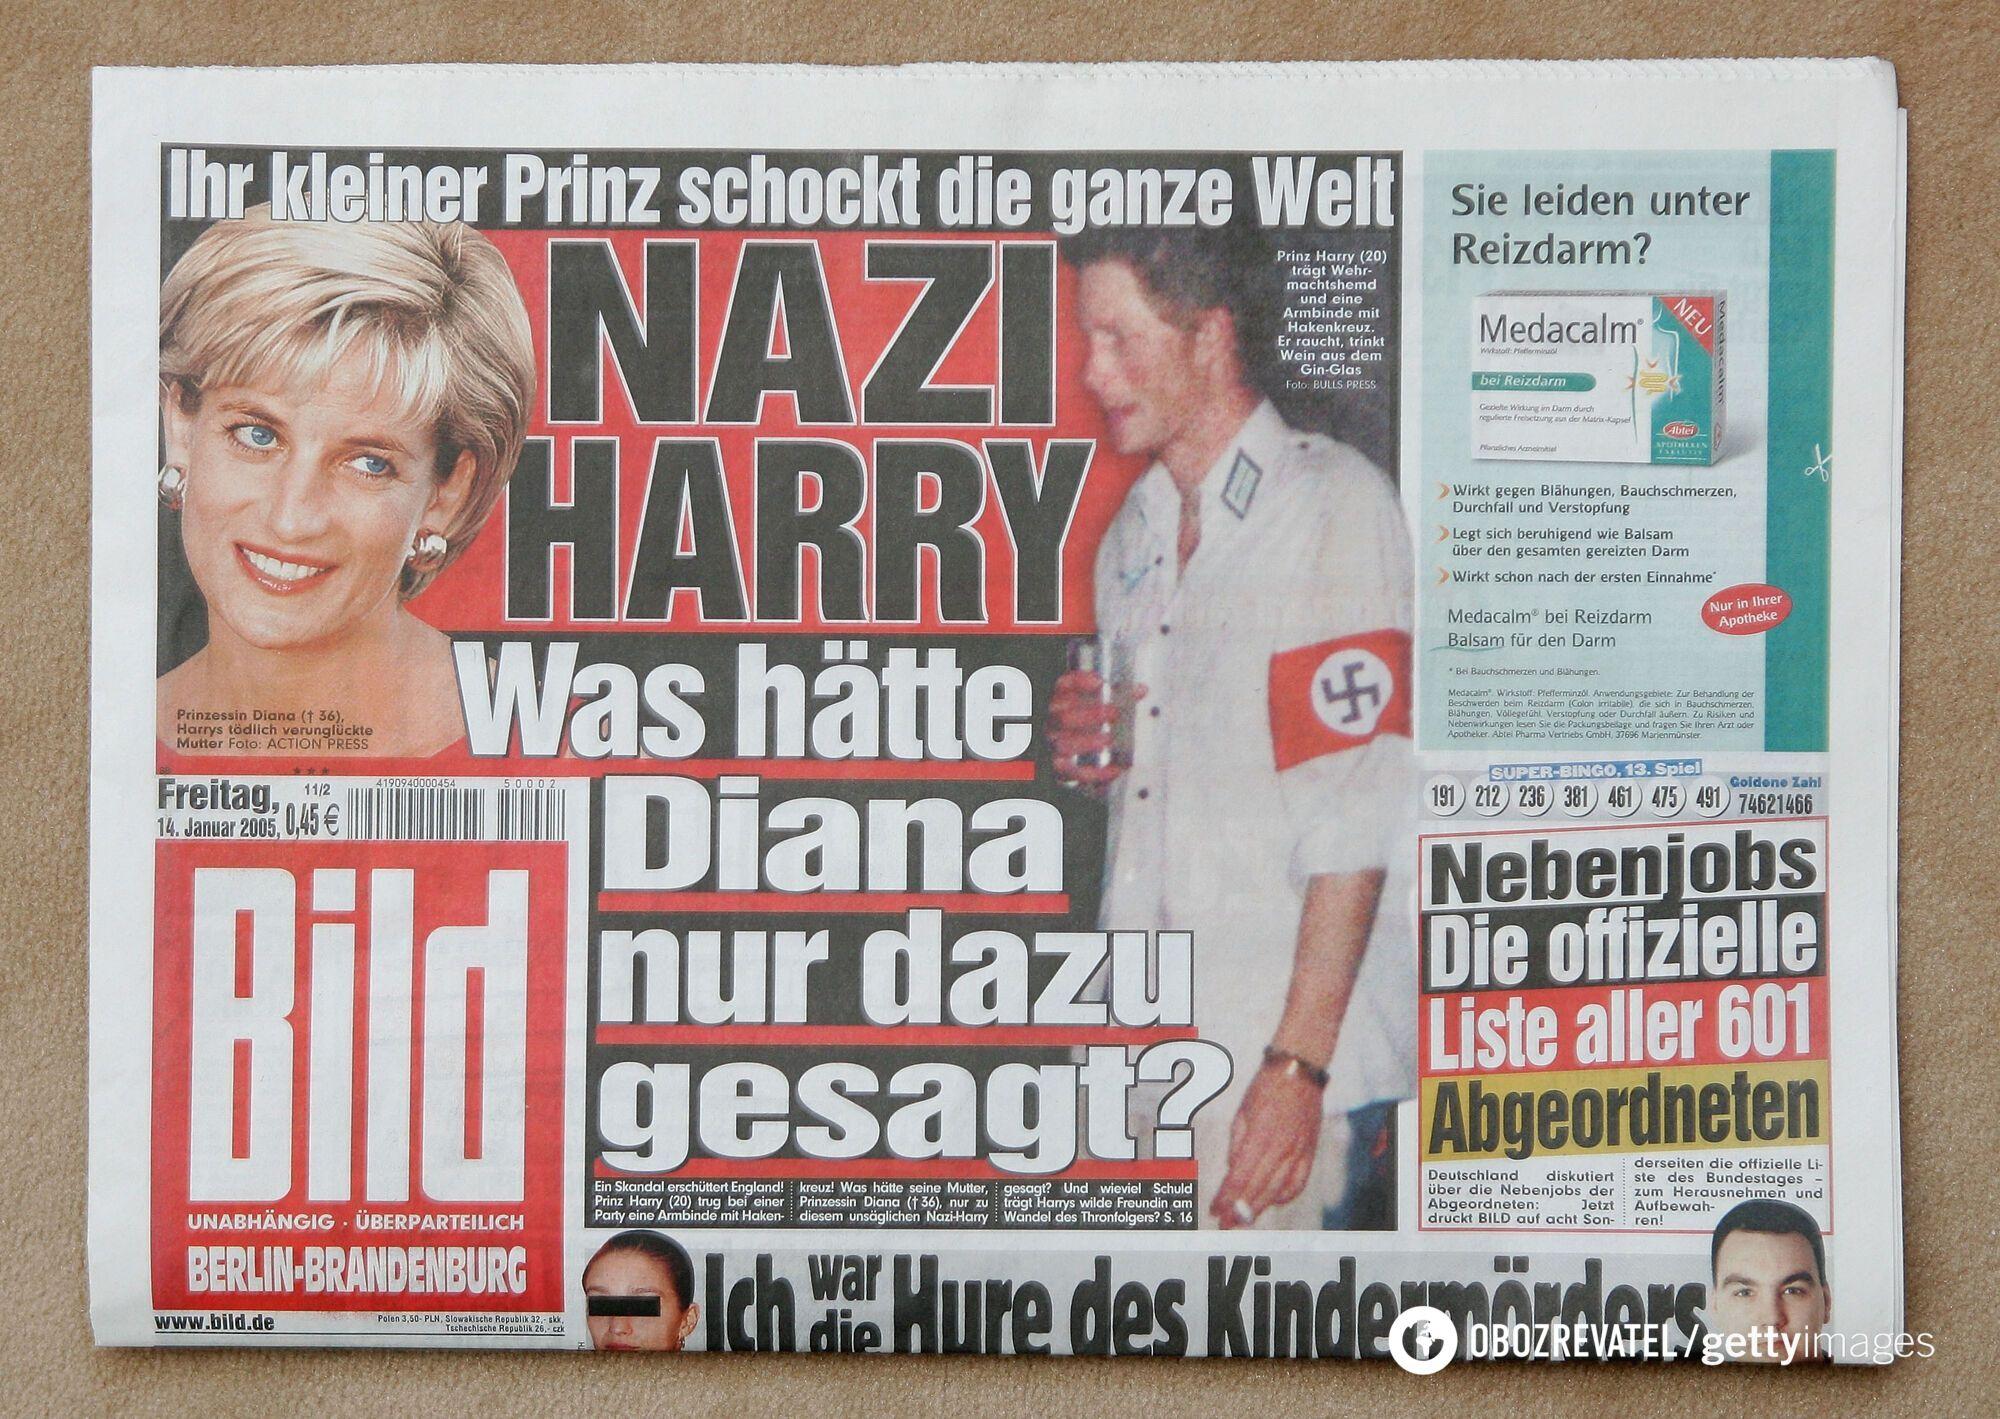 Принц Гаррі одягнув нациську сорочку